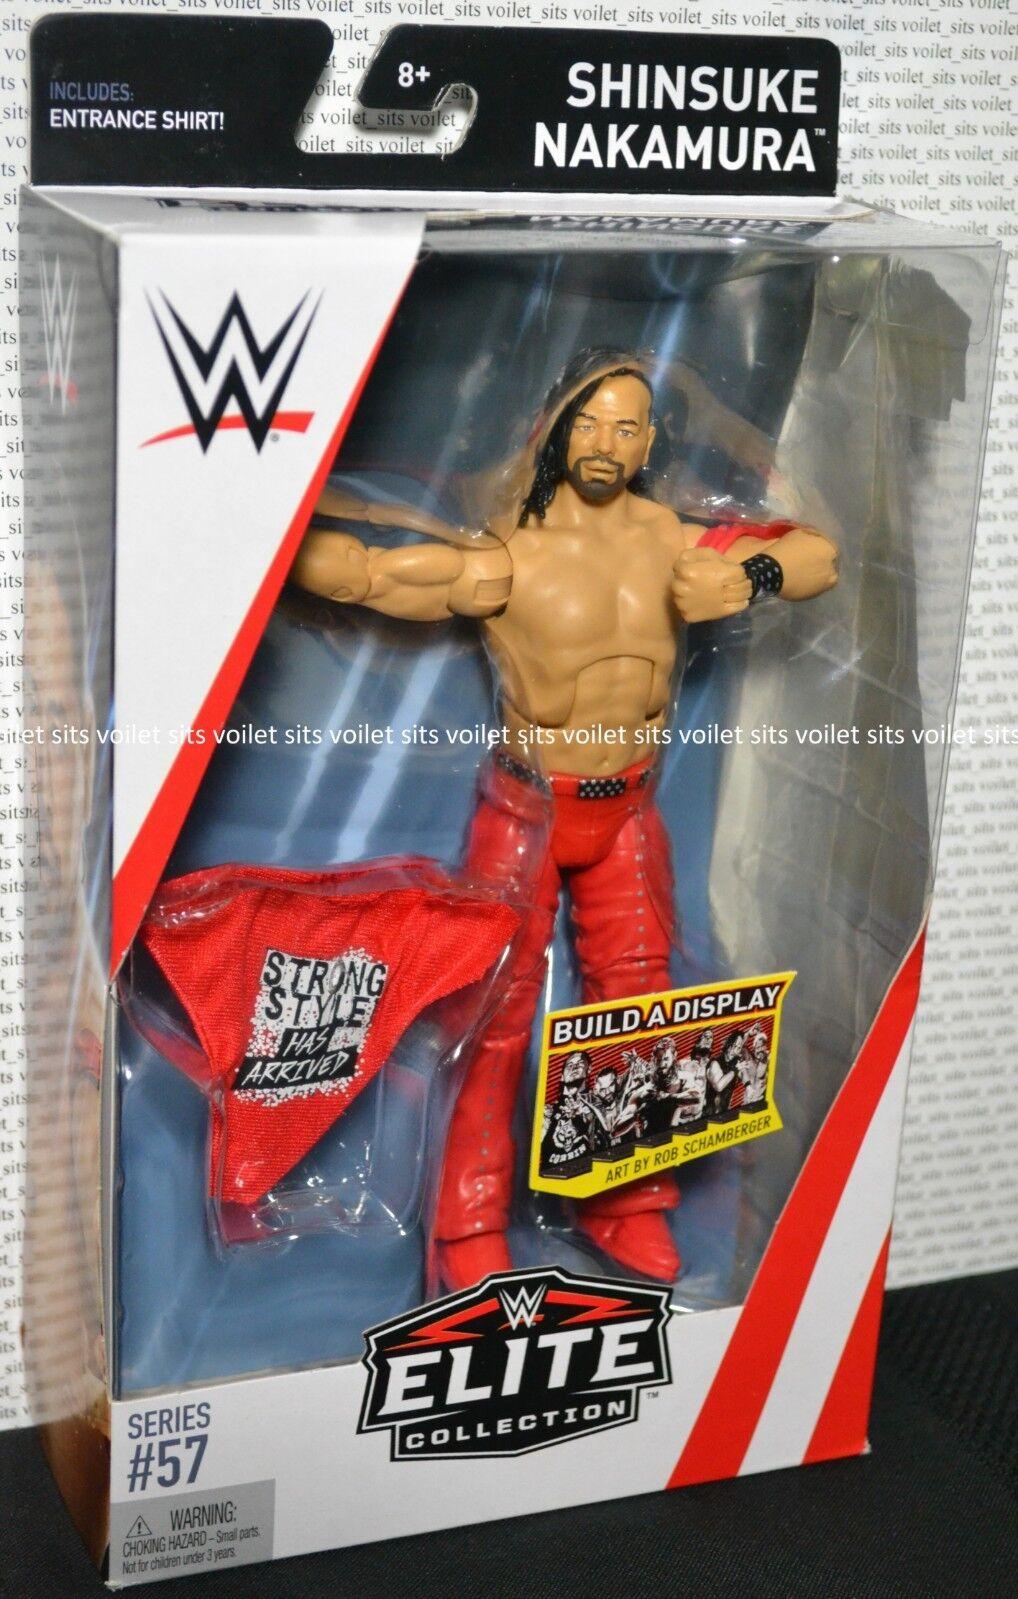 WWE Wrestling Wrestling Wrestling Elite Collection Series 57 Figure Shinsuke Nakamura 22c958